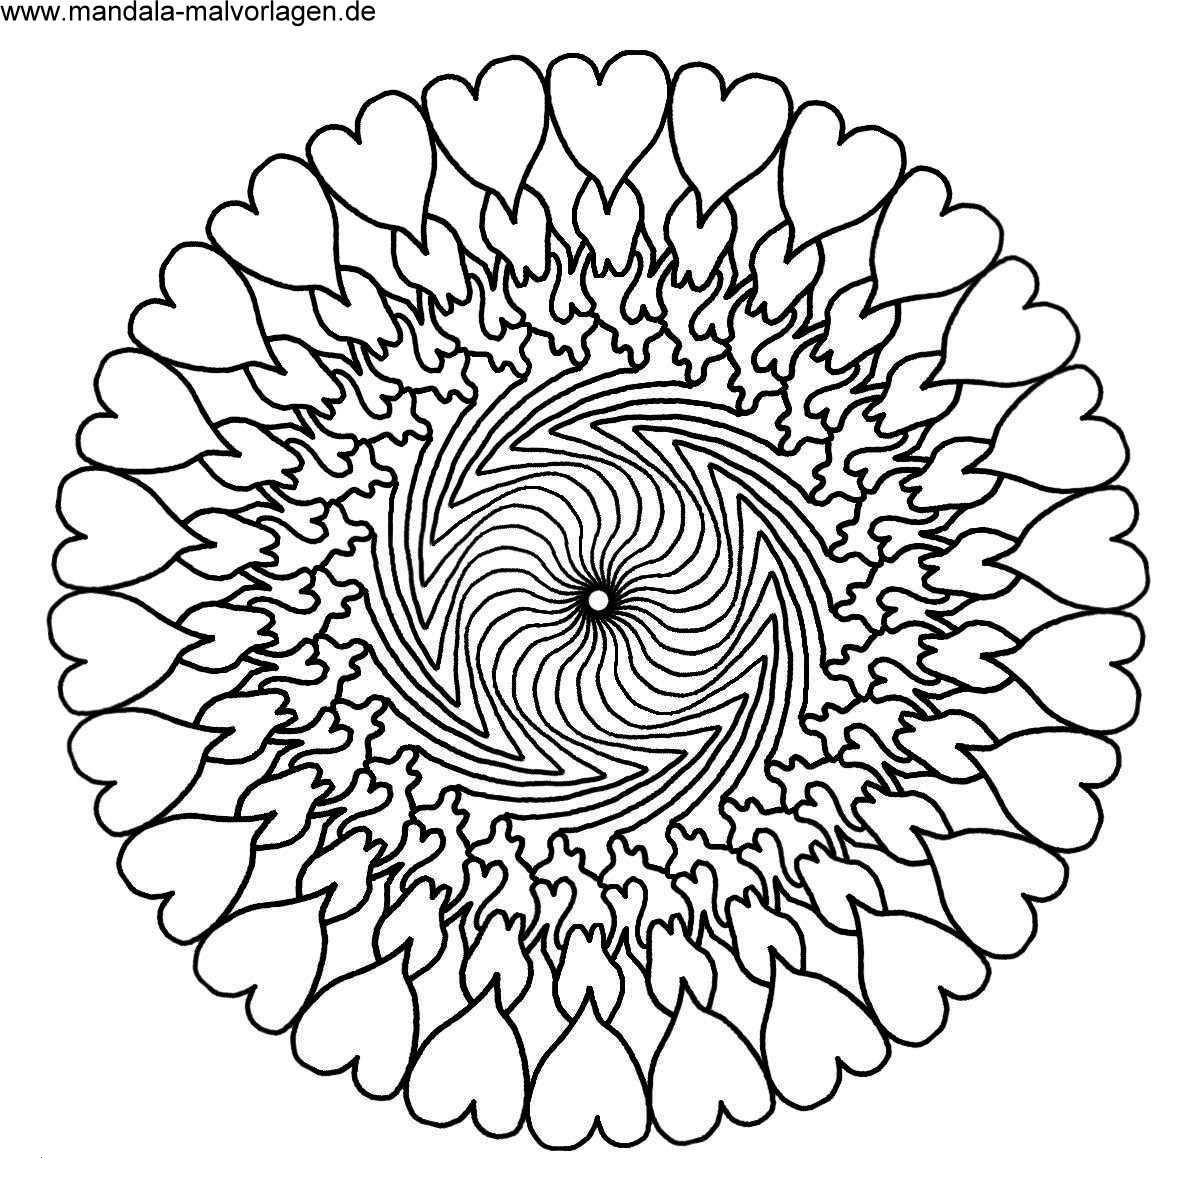 Mandala Zum Ausdrucken Rosen Inspirierend Ausmalbilder Rosen Mit Herz Best 40 Ausmalbilder Herzen Und Rosen Fotografieren